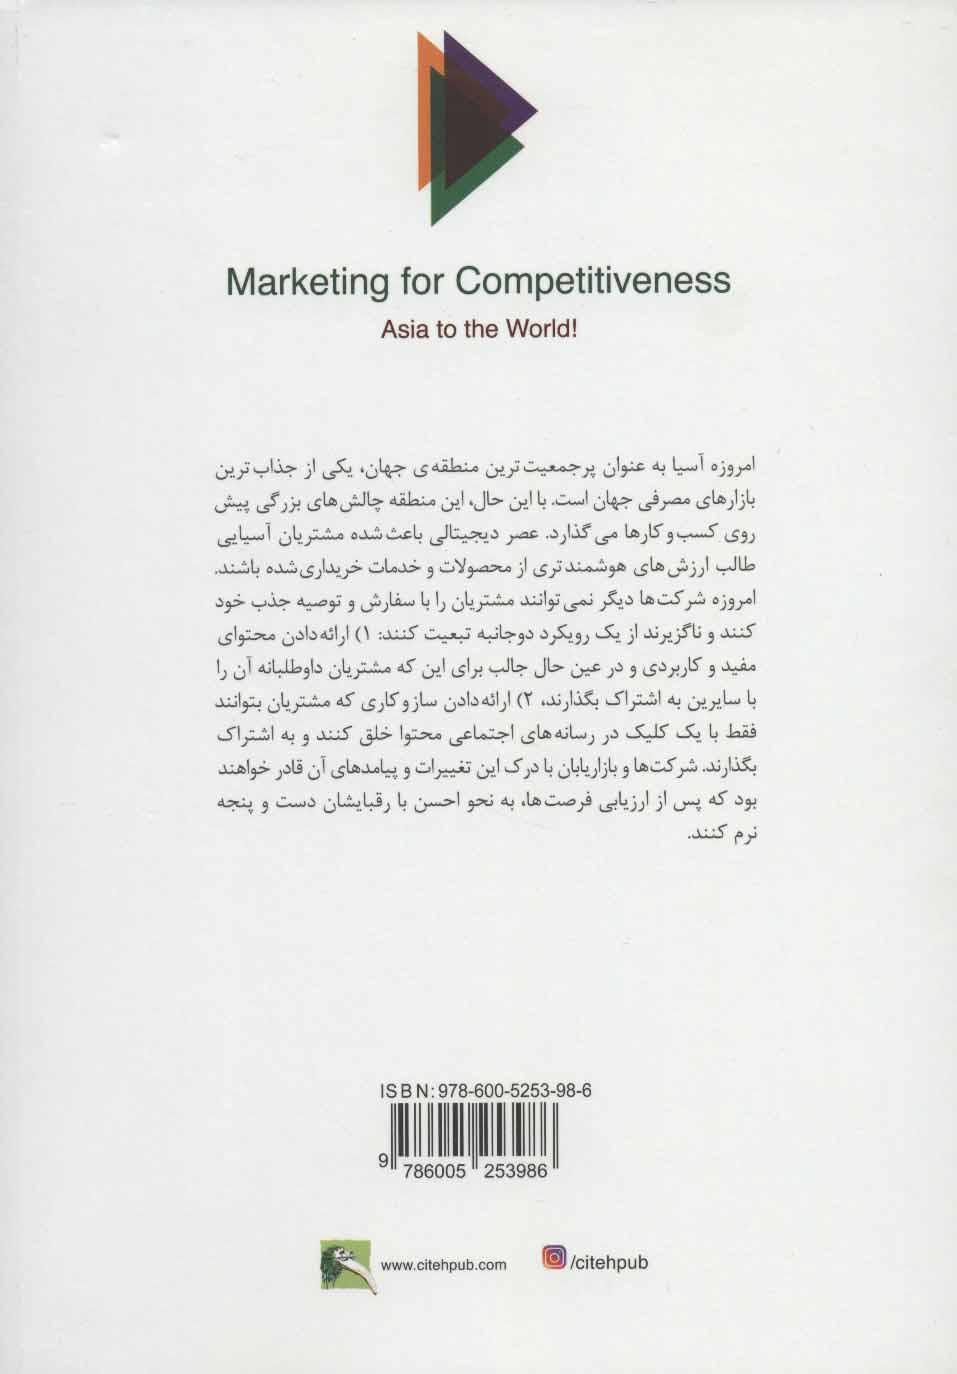 بازاریابی برای رقابت پذیری (جهانی شدن بازارهای آسیایی در عصر مشتریان دیجیتال)